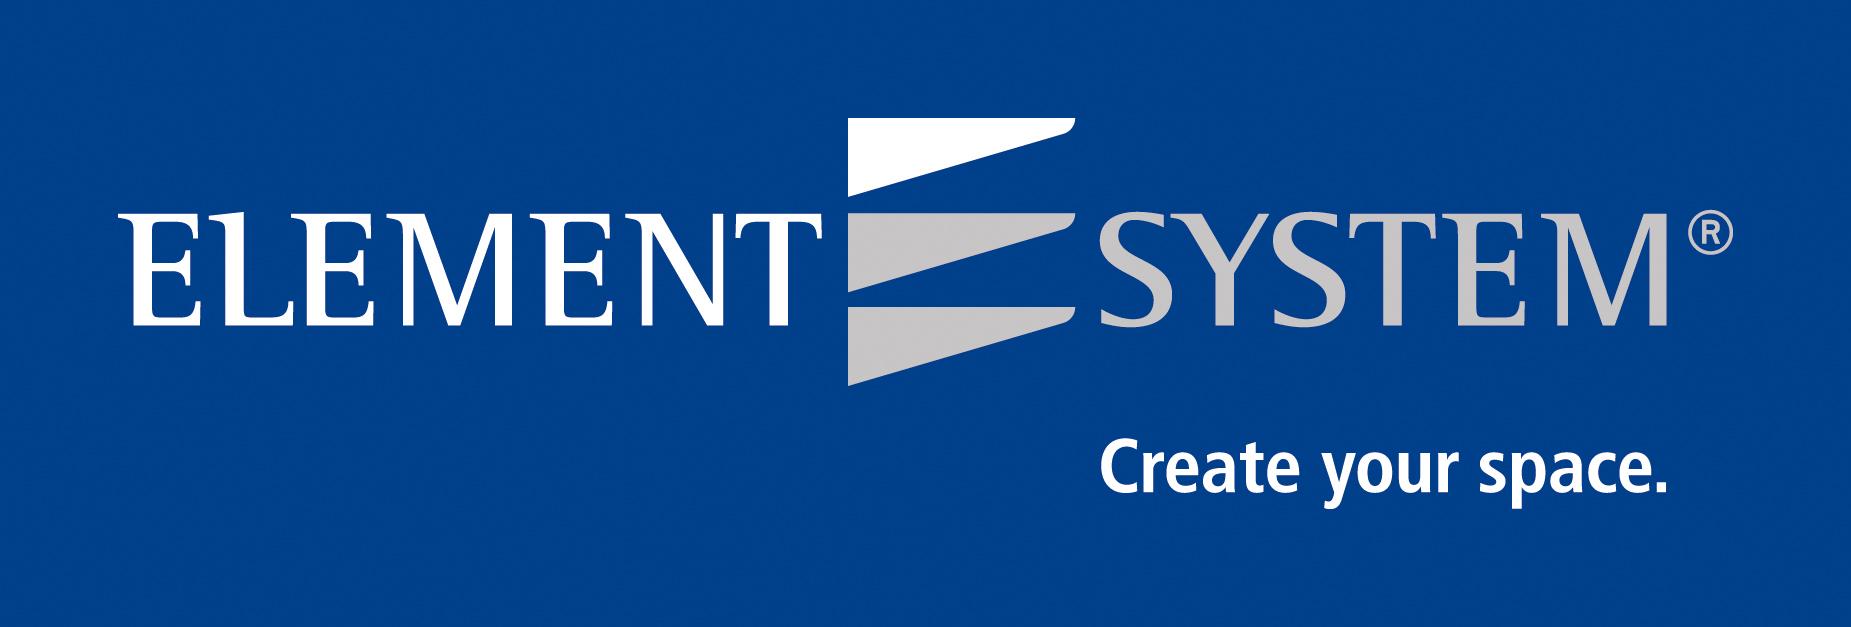 ElementSystem_Claim_en_rgb_neg